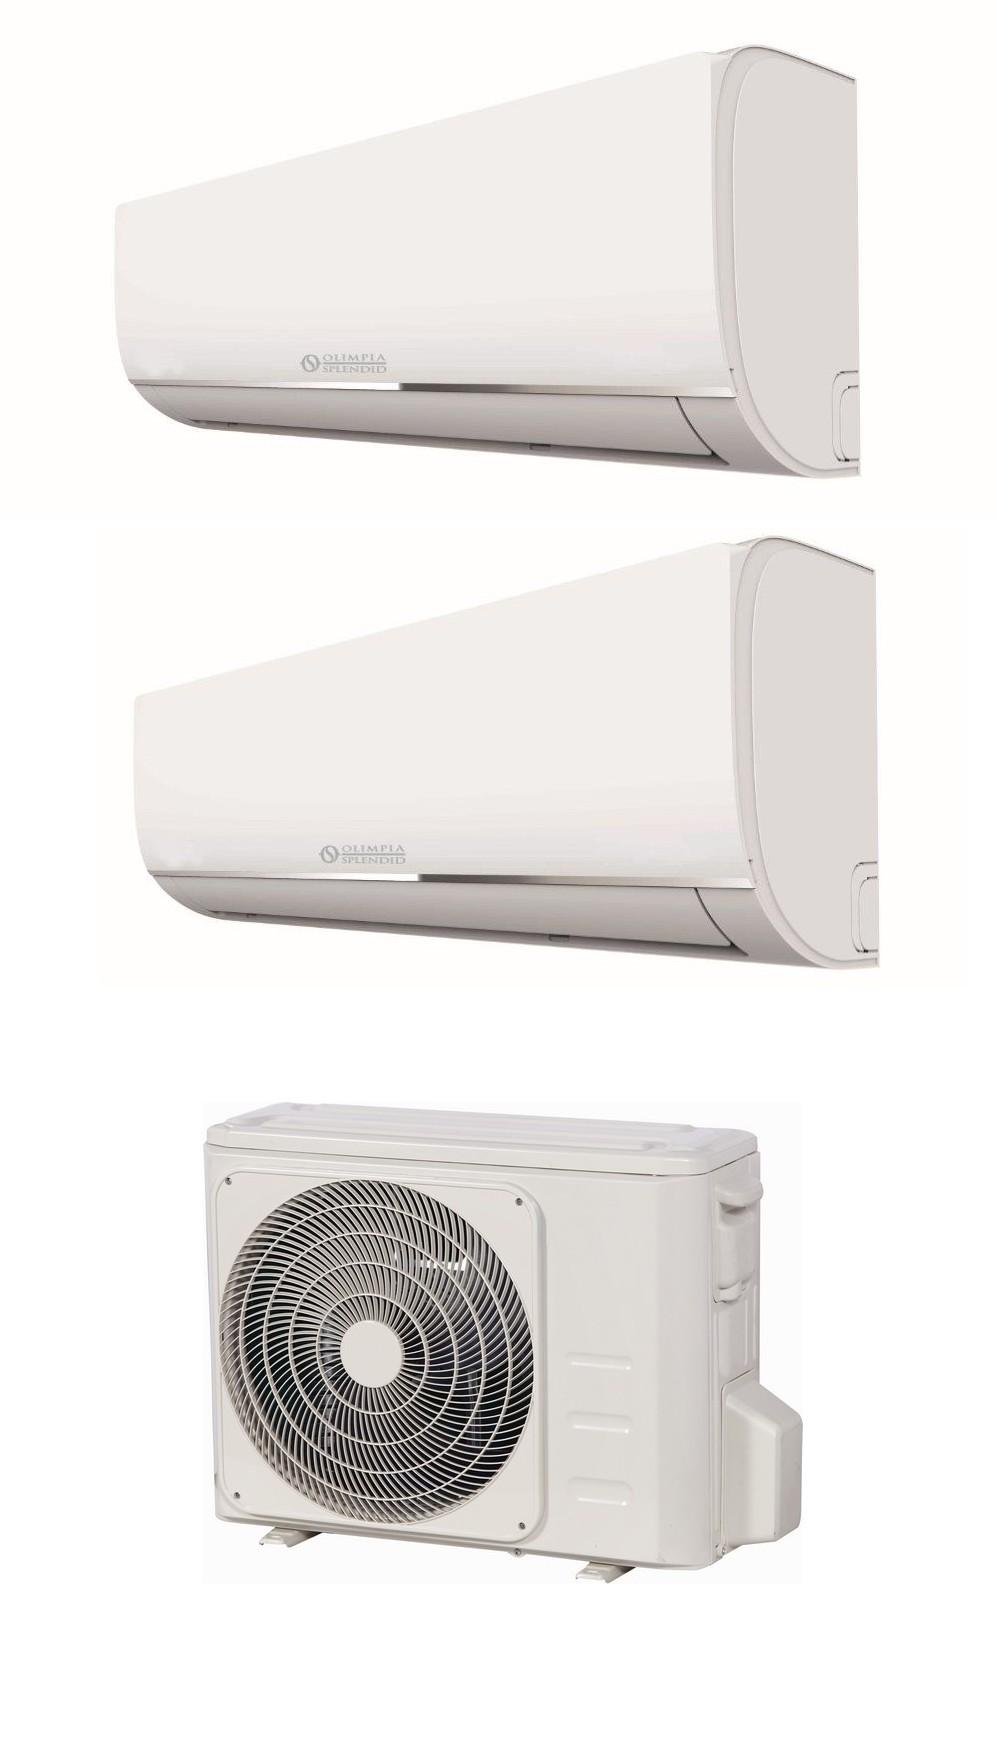 Schema Elettrico Olimpia Splendid : Climatizzatore multisplit olimpia nexya s e dual inverter